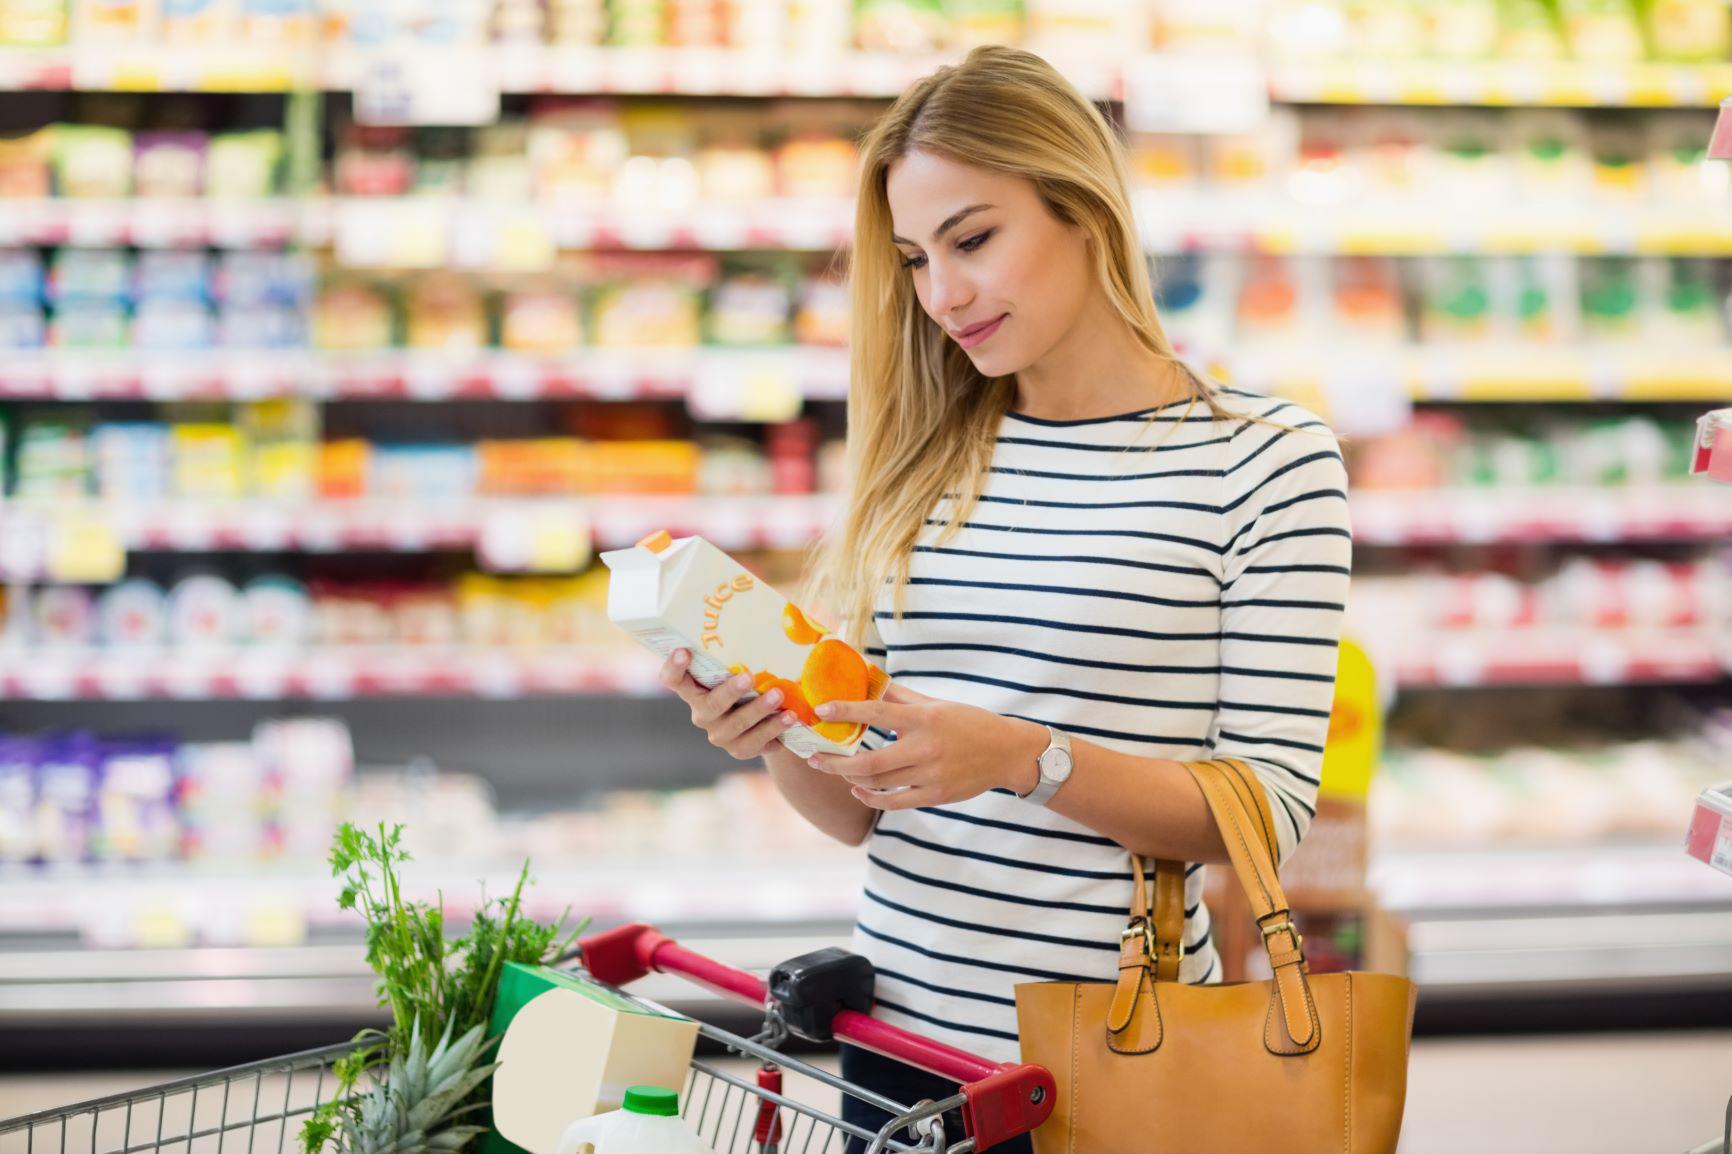 dinheiro - economizar supermercado foto de dentro